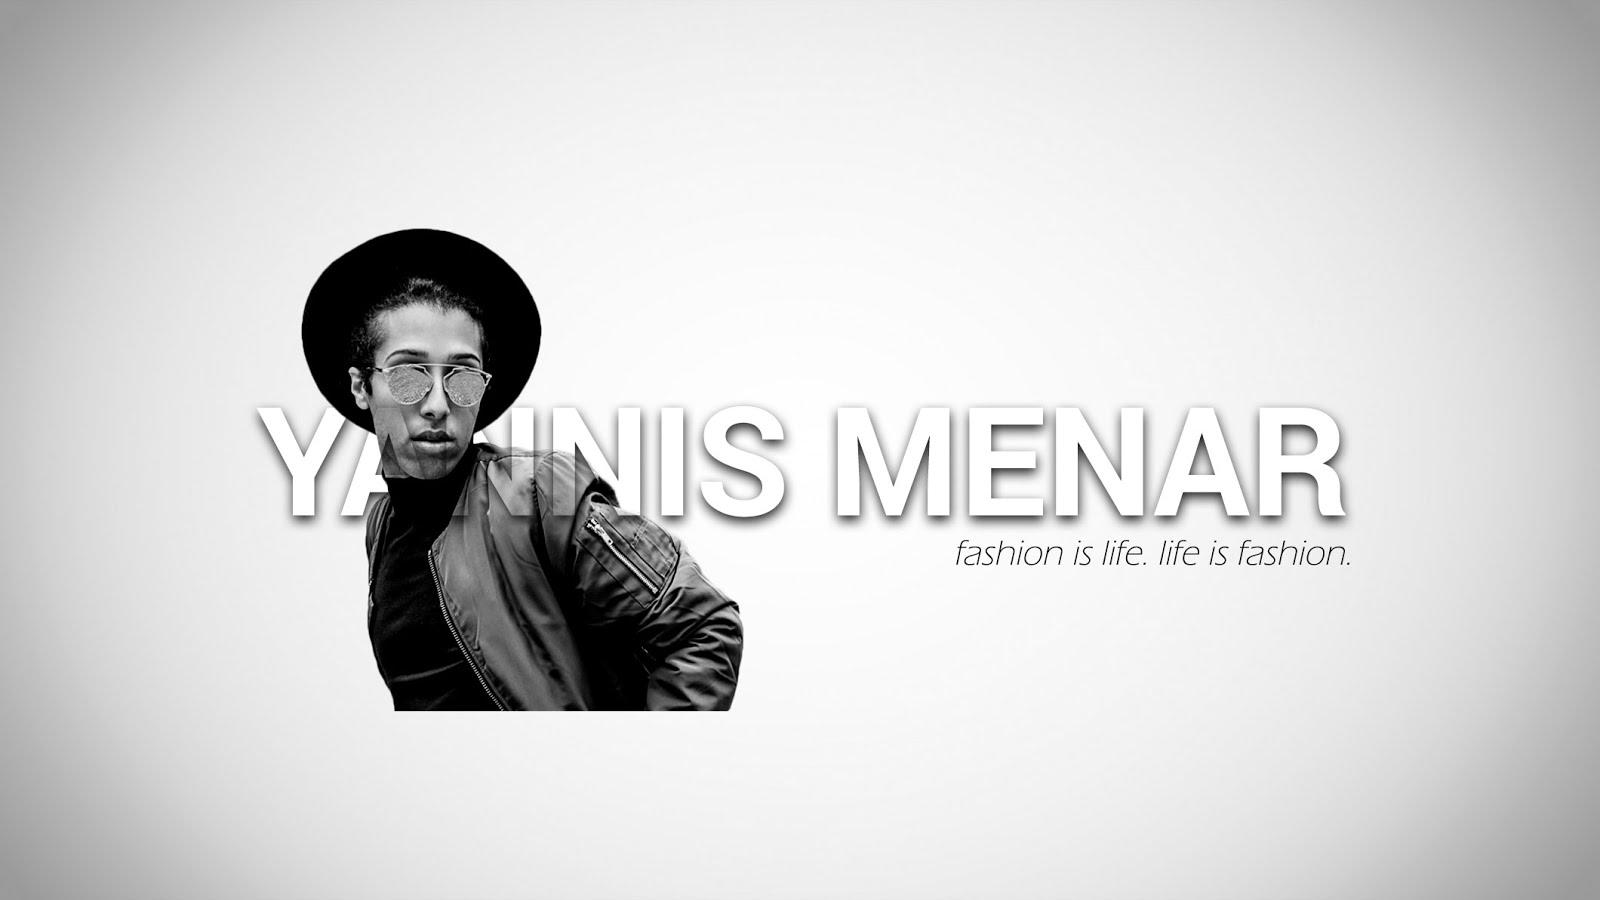 Yannis Menar.